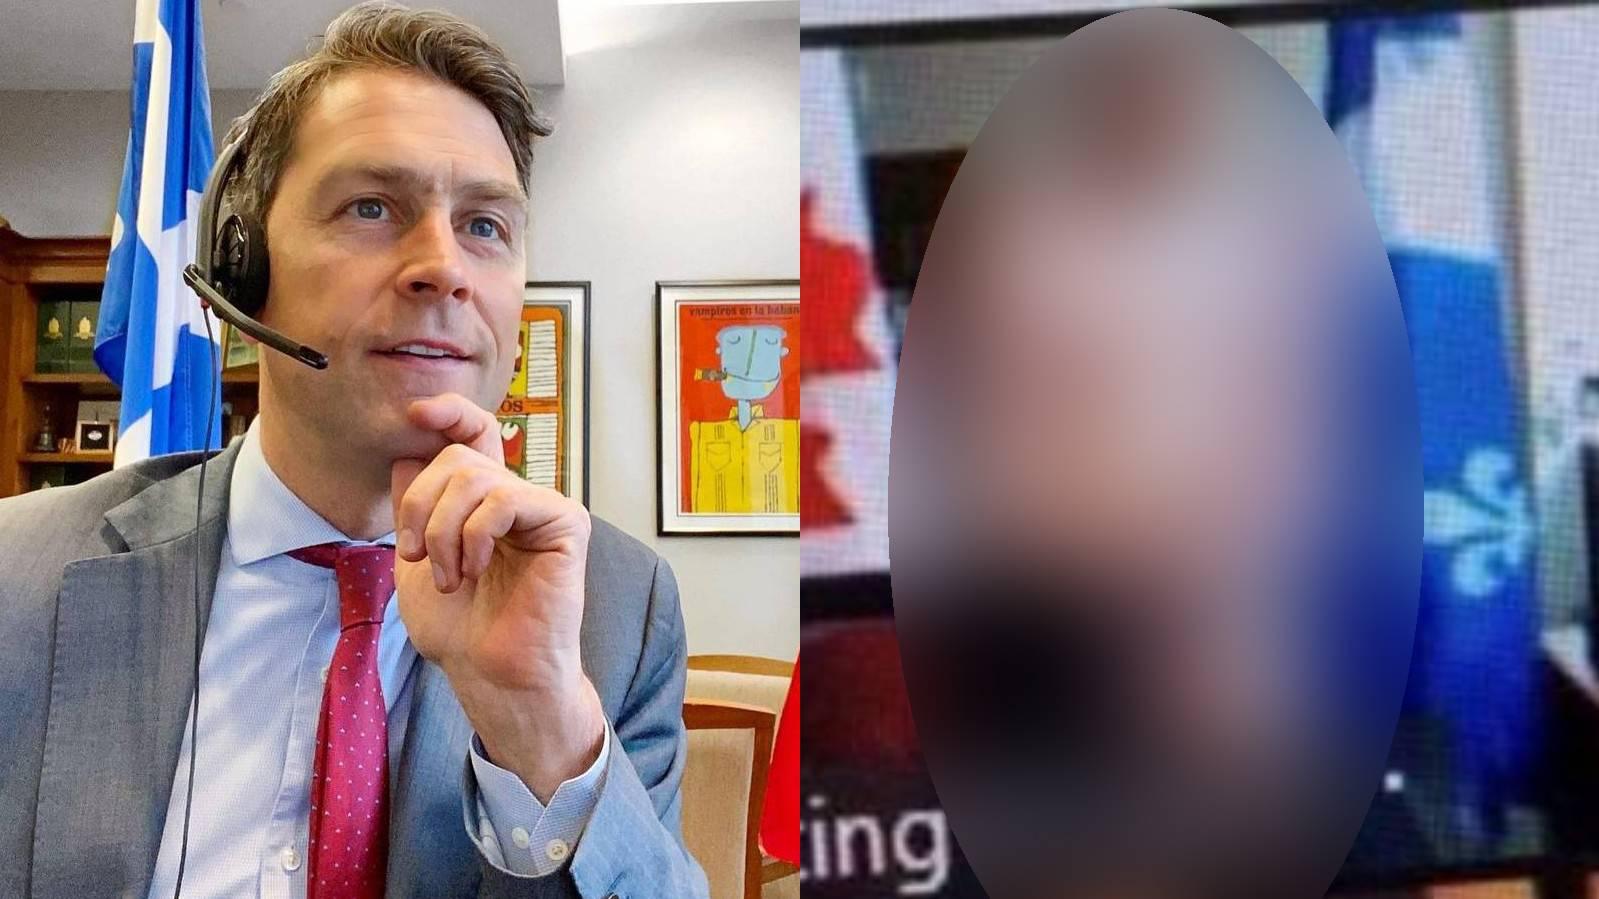 Депутат полностью разделся перед камерой, шокировав коллег, собравшихся на онлайн-заседании